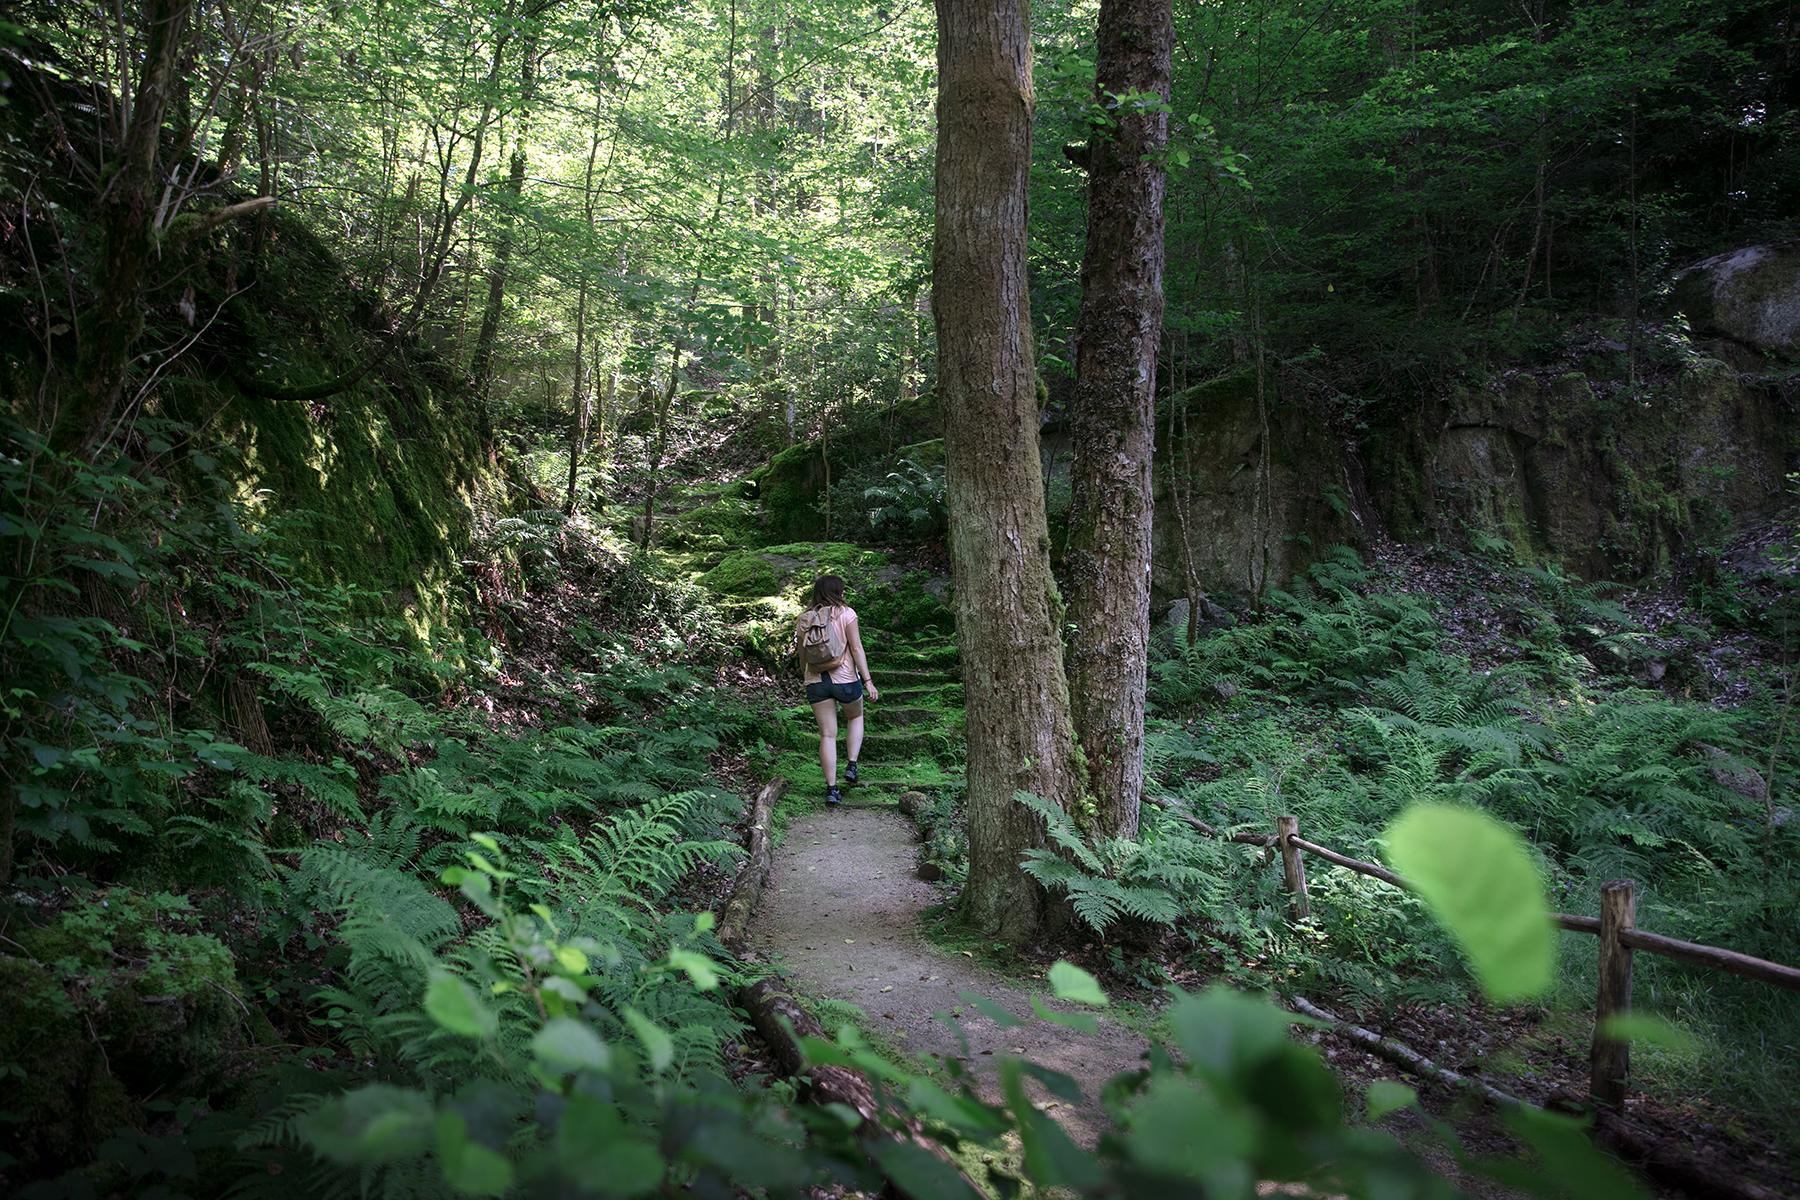 Idée de randonnée à faire dans le Berry, côté Indre